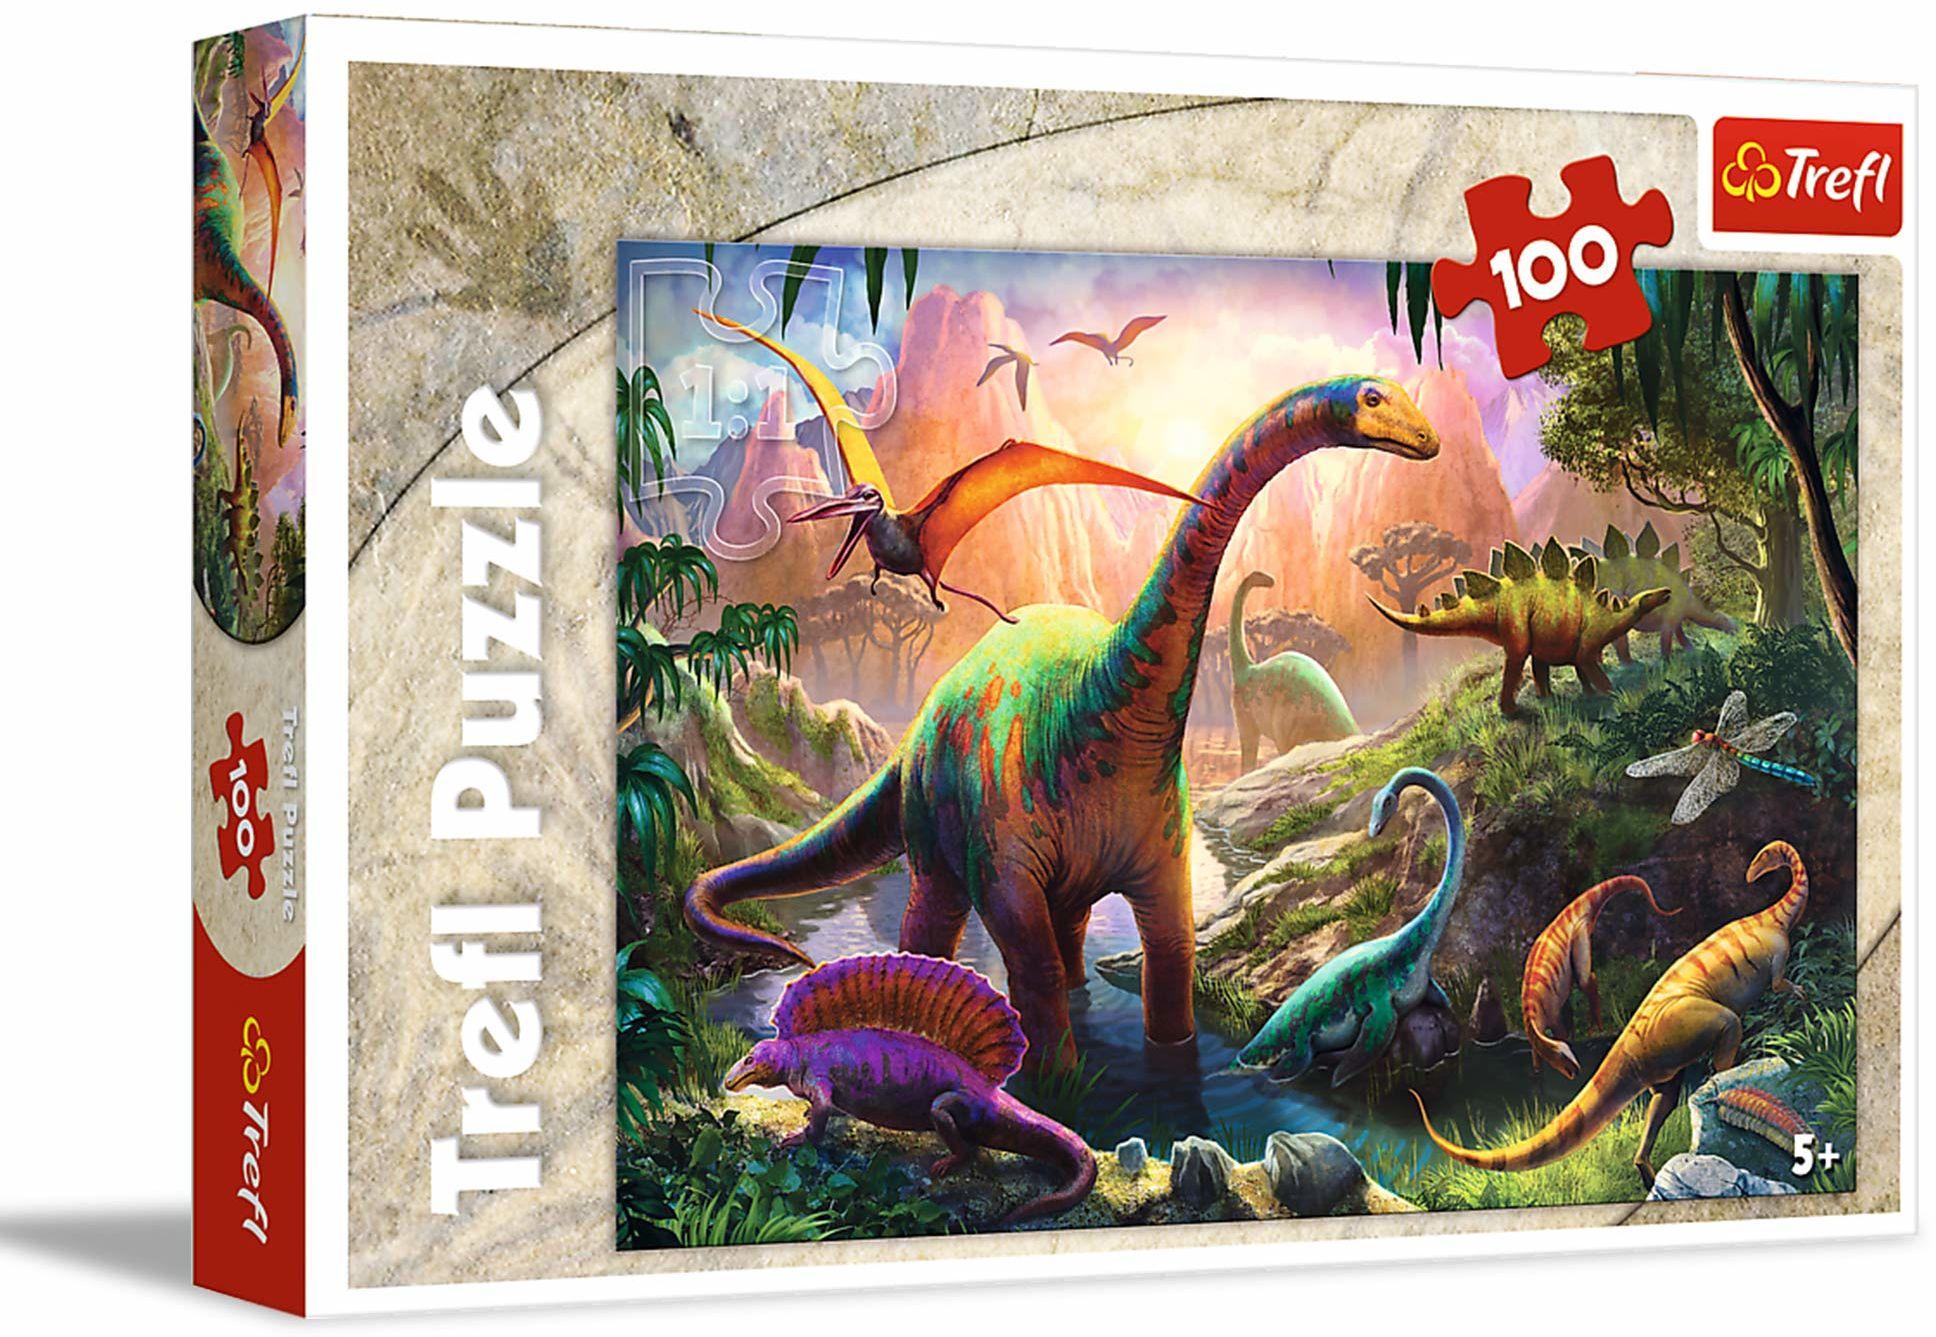 Trefl Świat Dinozaurów Puzzle 100 Elementów o Wysokiej Jakości Nadruku dla Dzieci od 5 lat